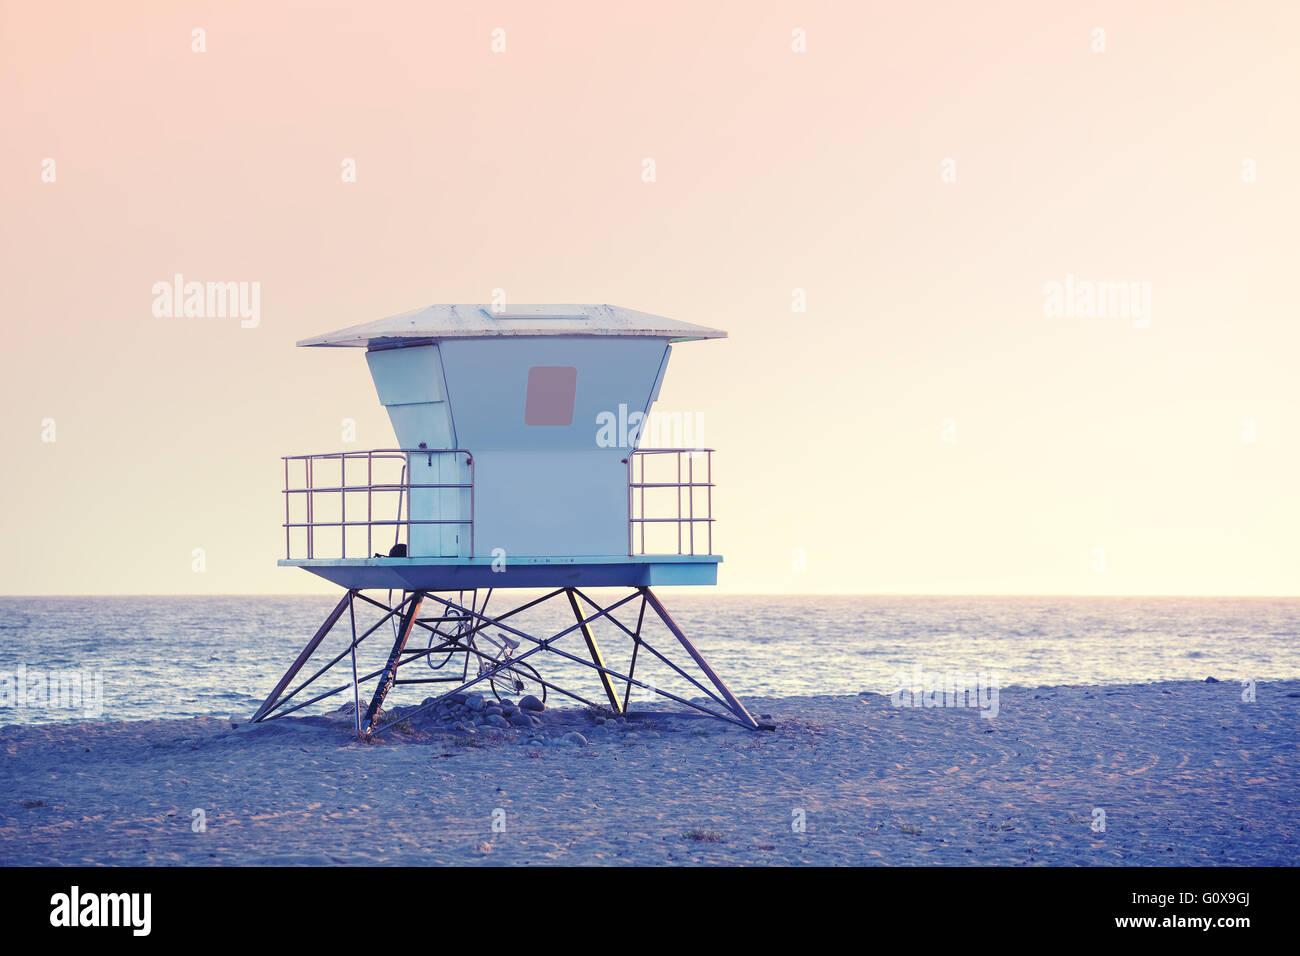 Quartz rose et de sérénité aux tons couleur photo d'une tour de sauvetage au coucher du soleil Photo Stock